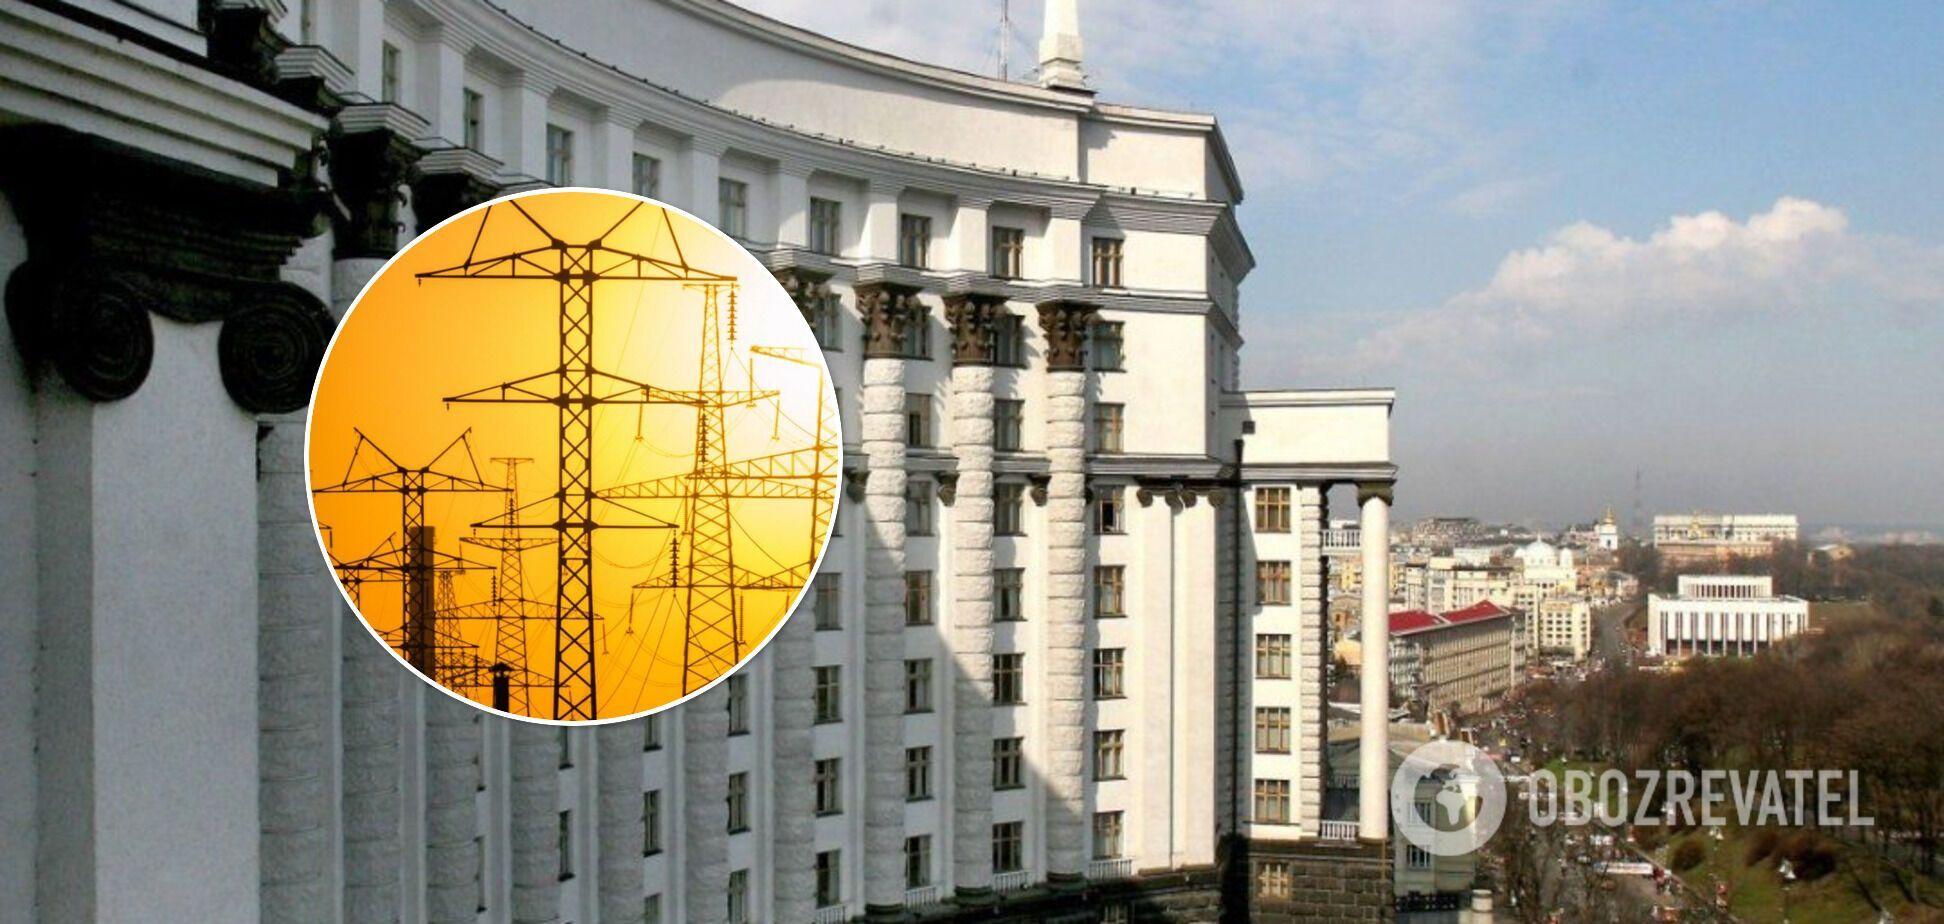 Украине должно быть стыдно перед партнерами в ЕС за ограничение импорта тока из Беларуси только на 4 месяца, – Бессмертный